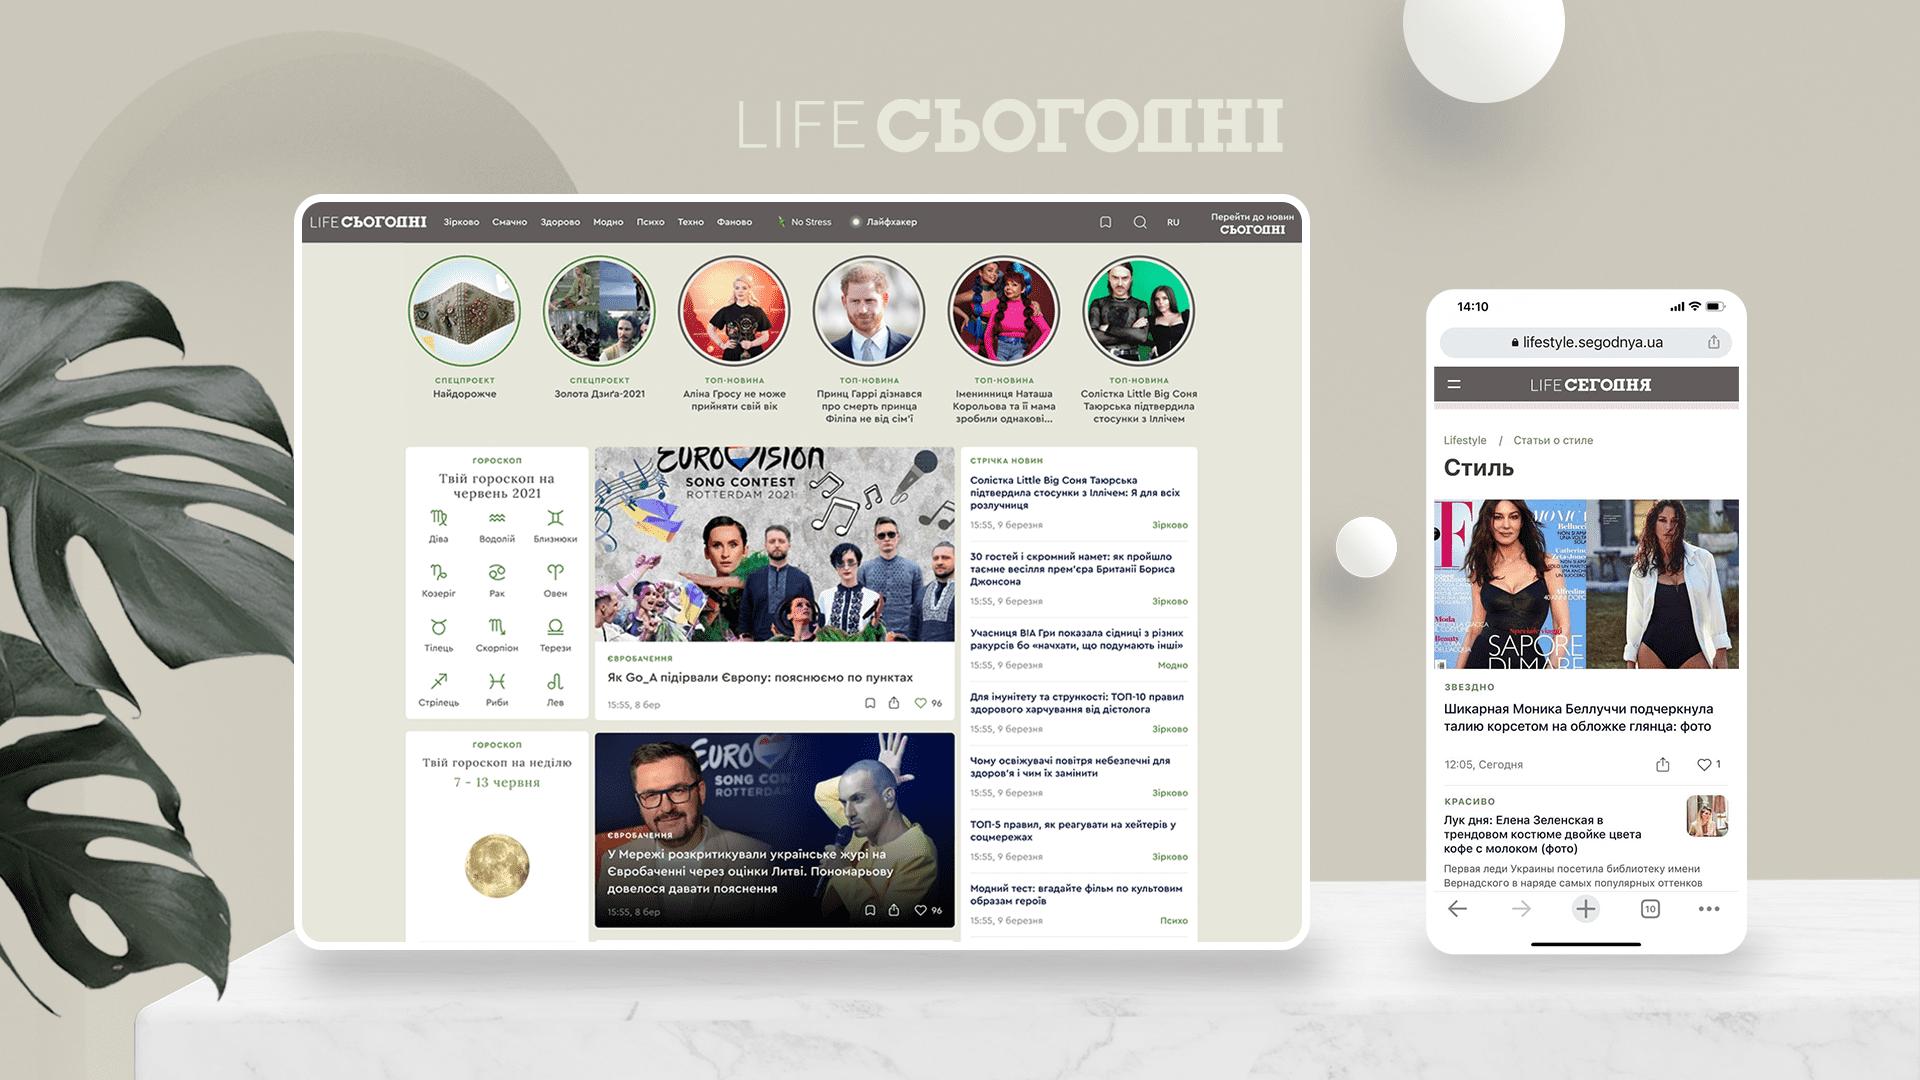 Сайт Сьогодні реформував розділ LIFE — тепер із сучасною обкладинкою і концепцією